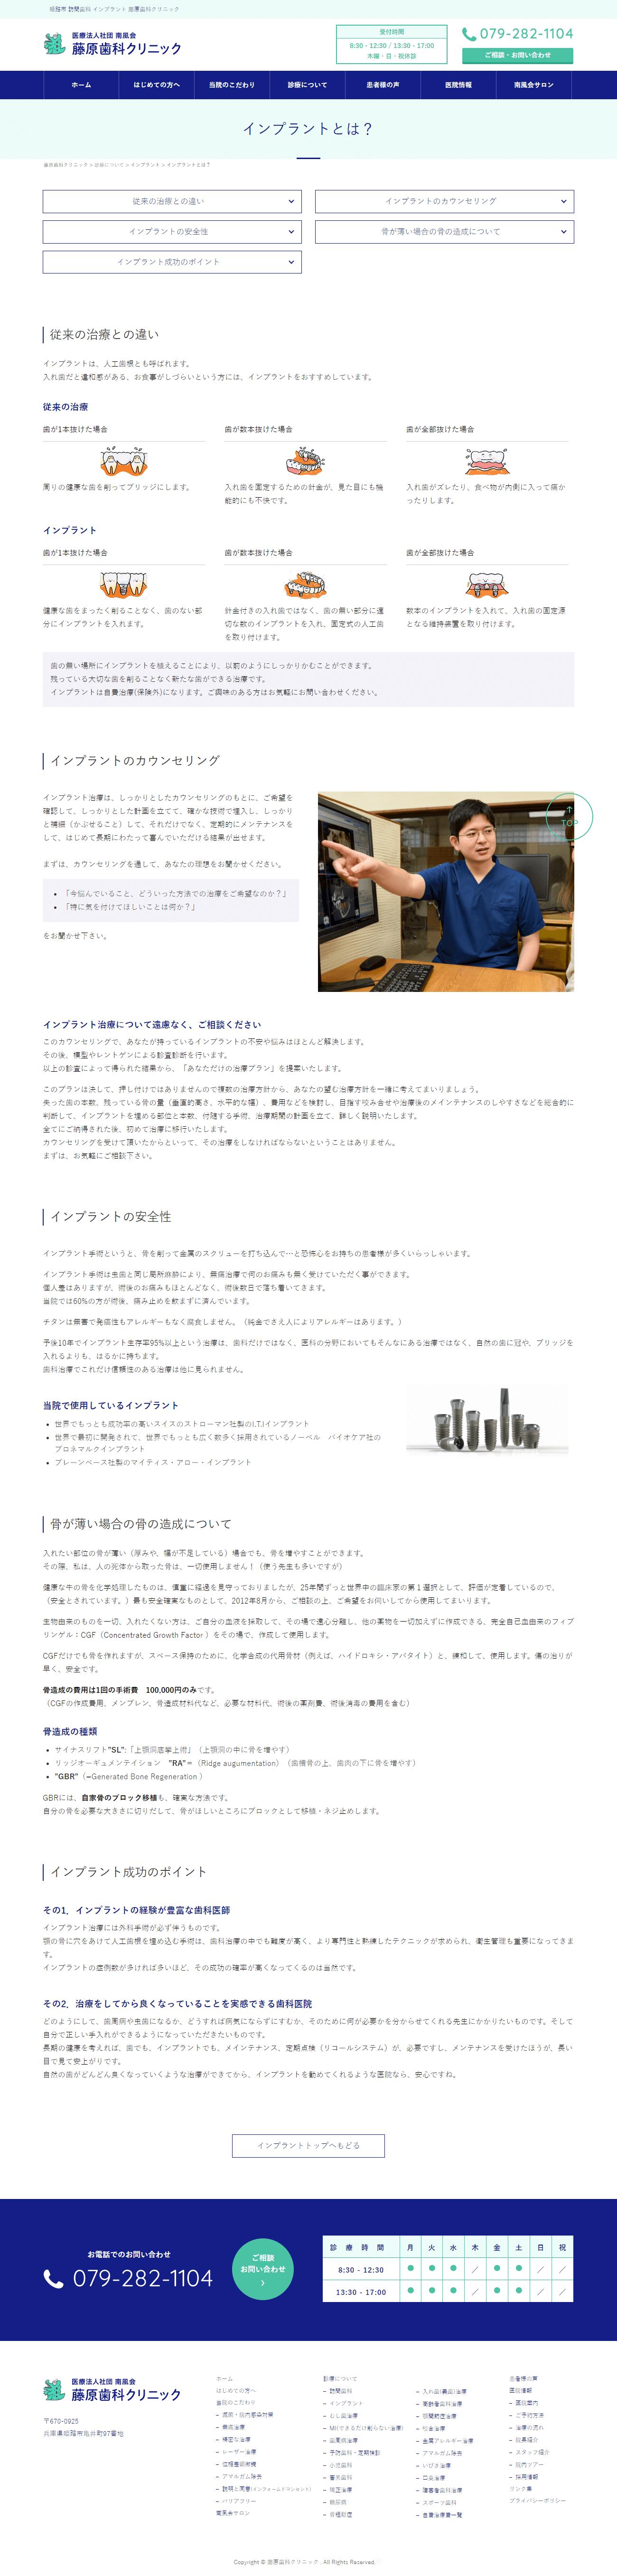 姫路市 藤原歯科クリニック様 ホームページ制作2